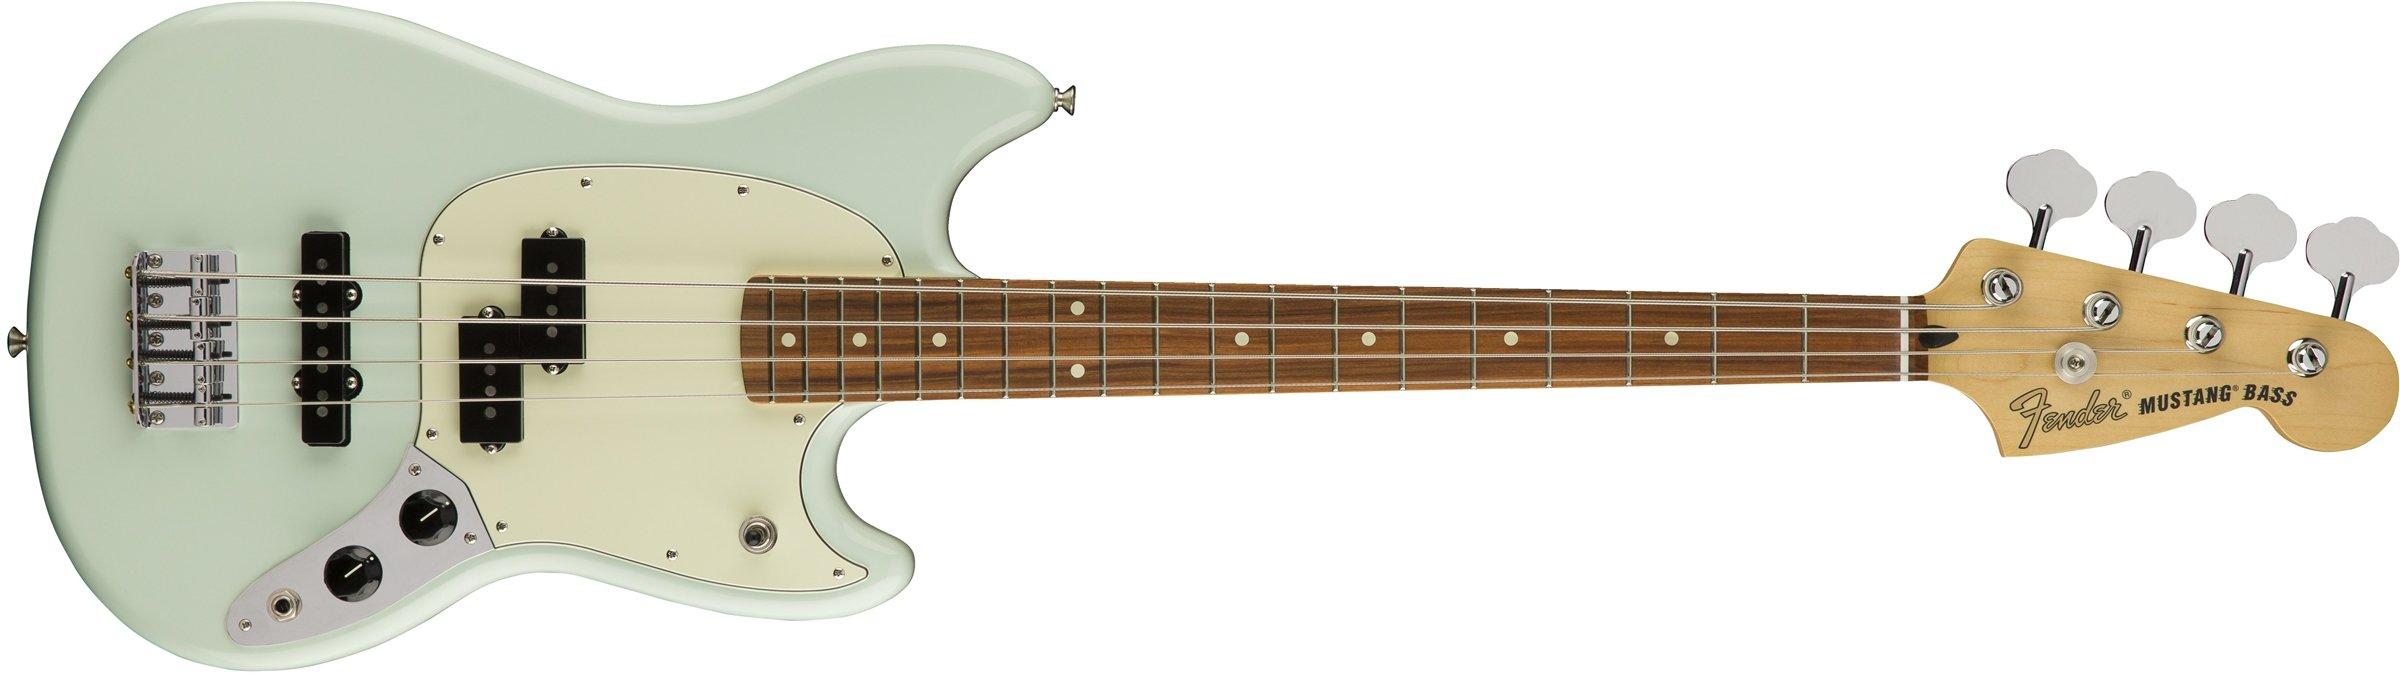 Mustang Bass PJ Pau Ferro Fretboard Sonic Blue